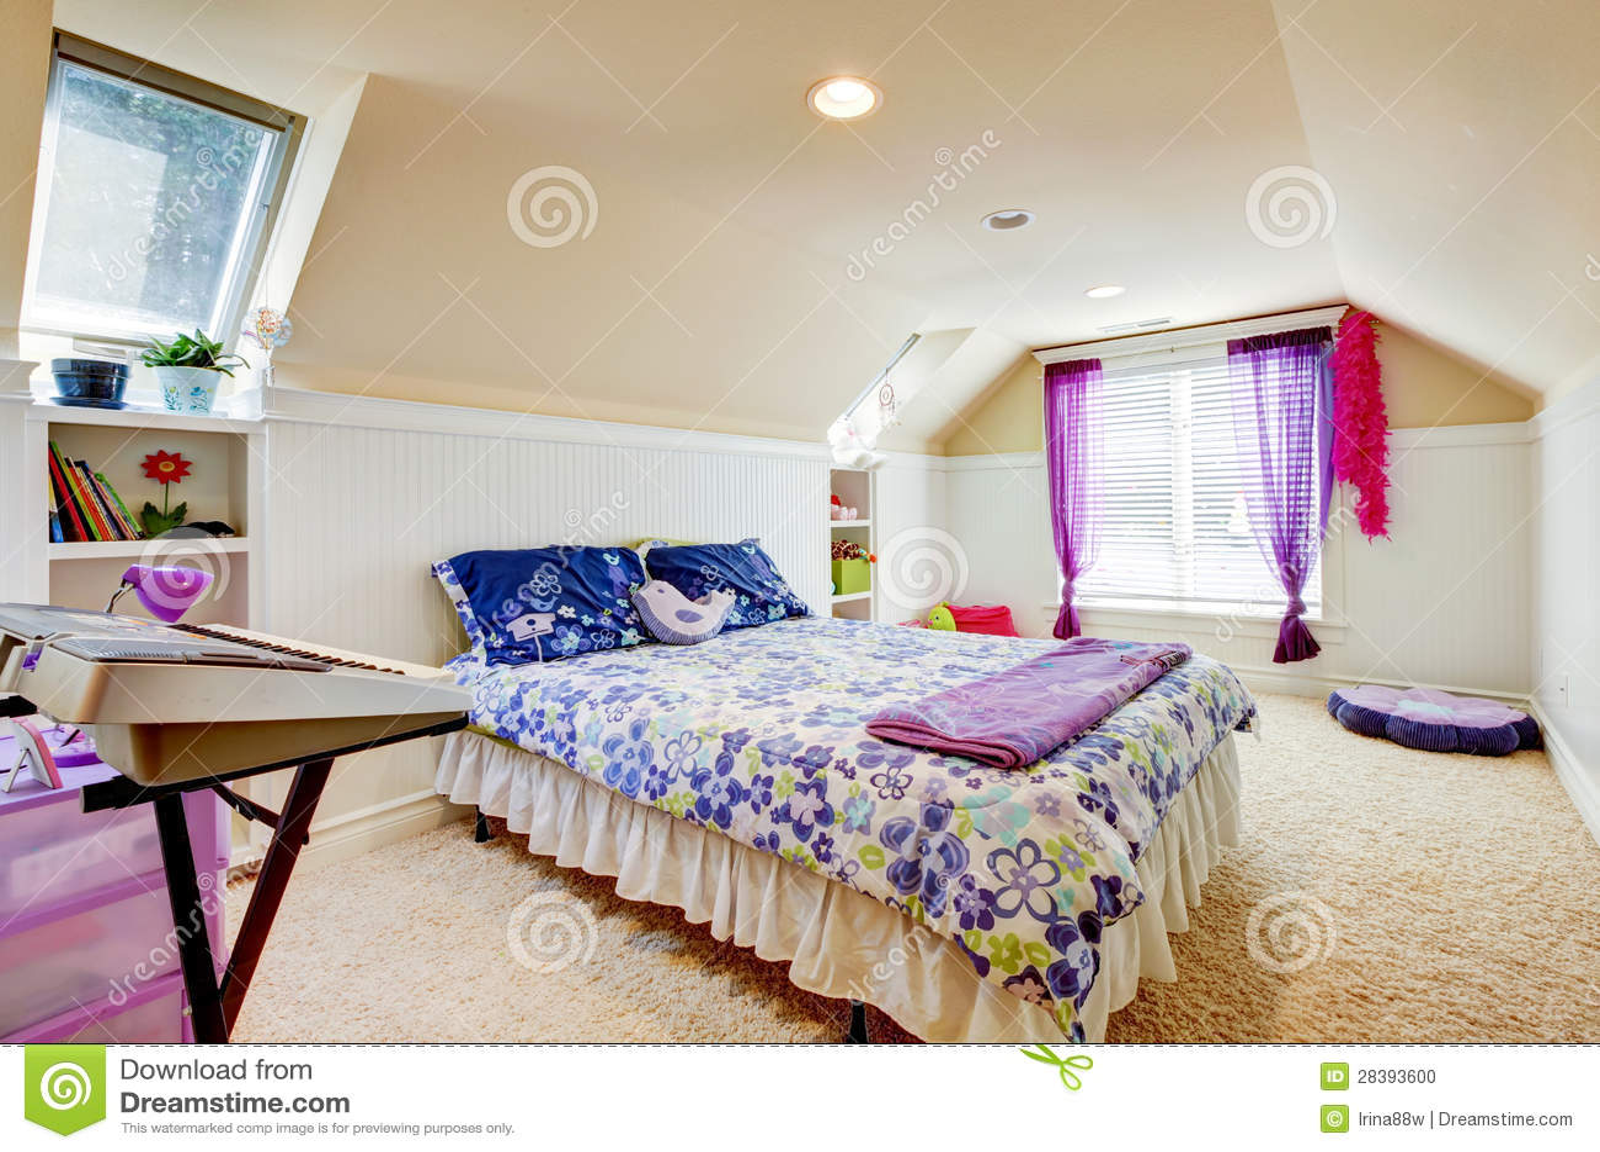 De slaapkamer van het meisje met zolderplafond en beige tapijt met speelgoed stock foto - Cabine slaapkamer meisje ...